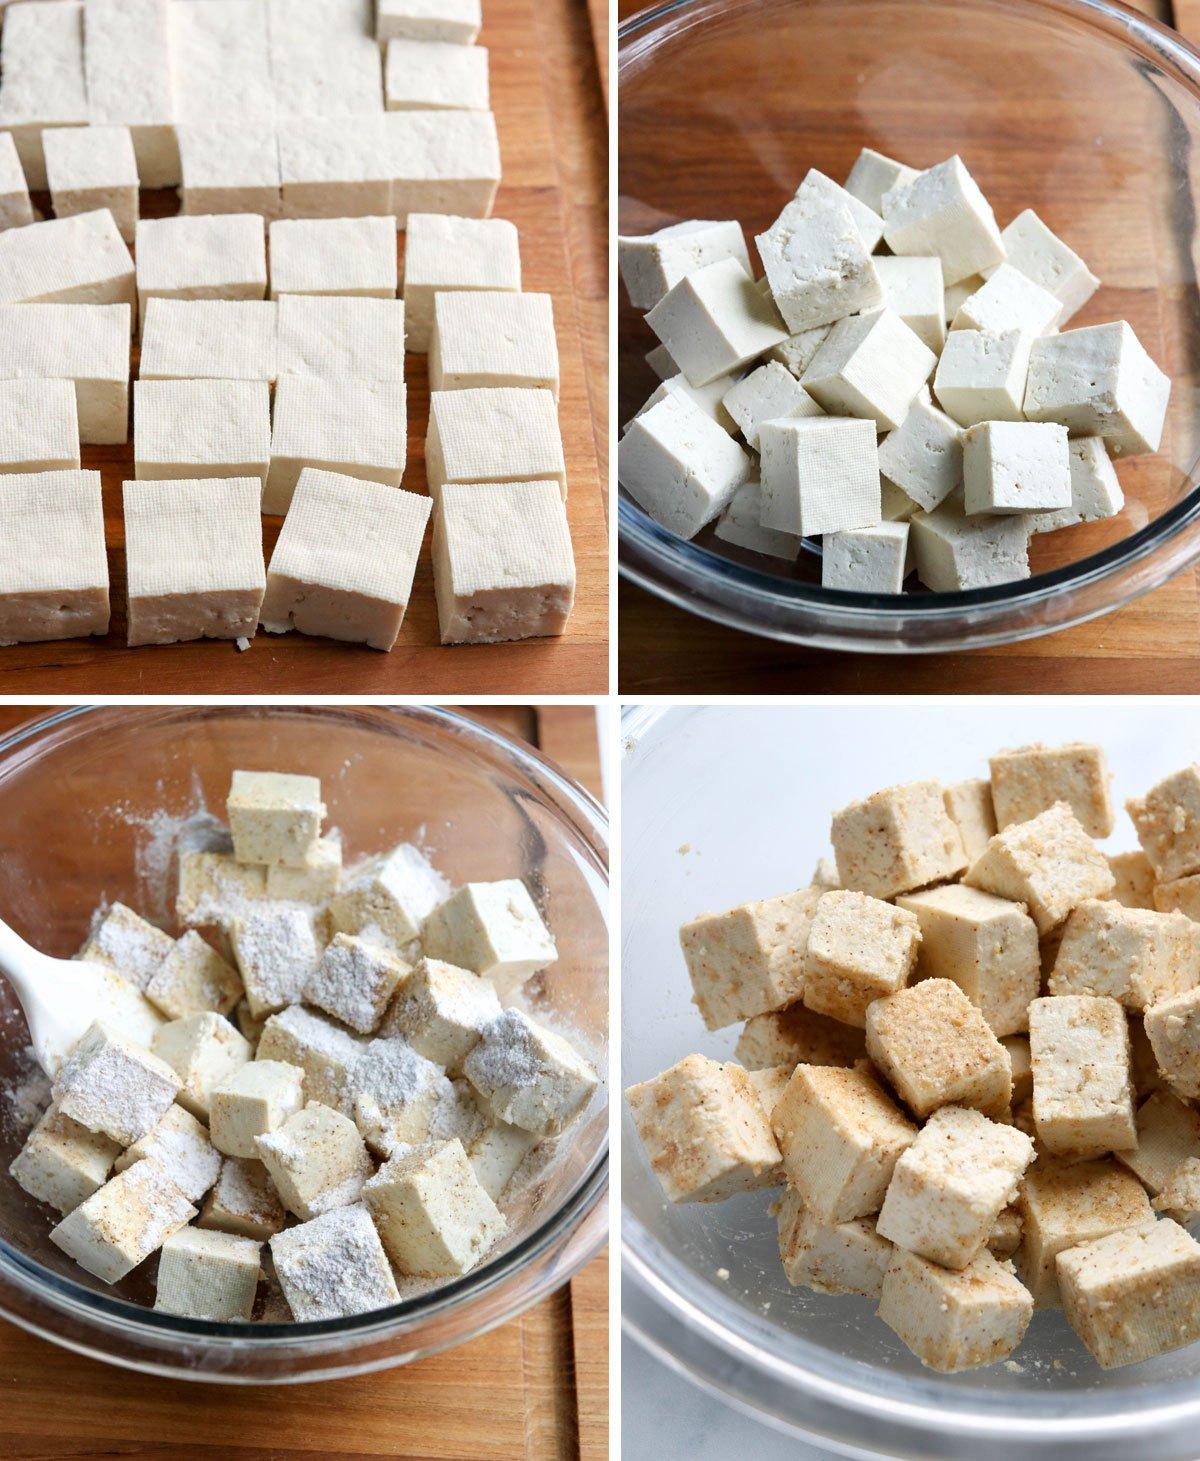 tofu cubes seasoned in bowl